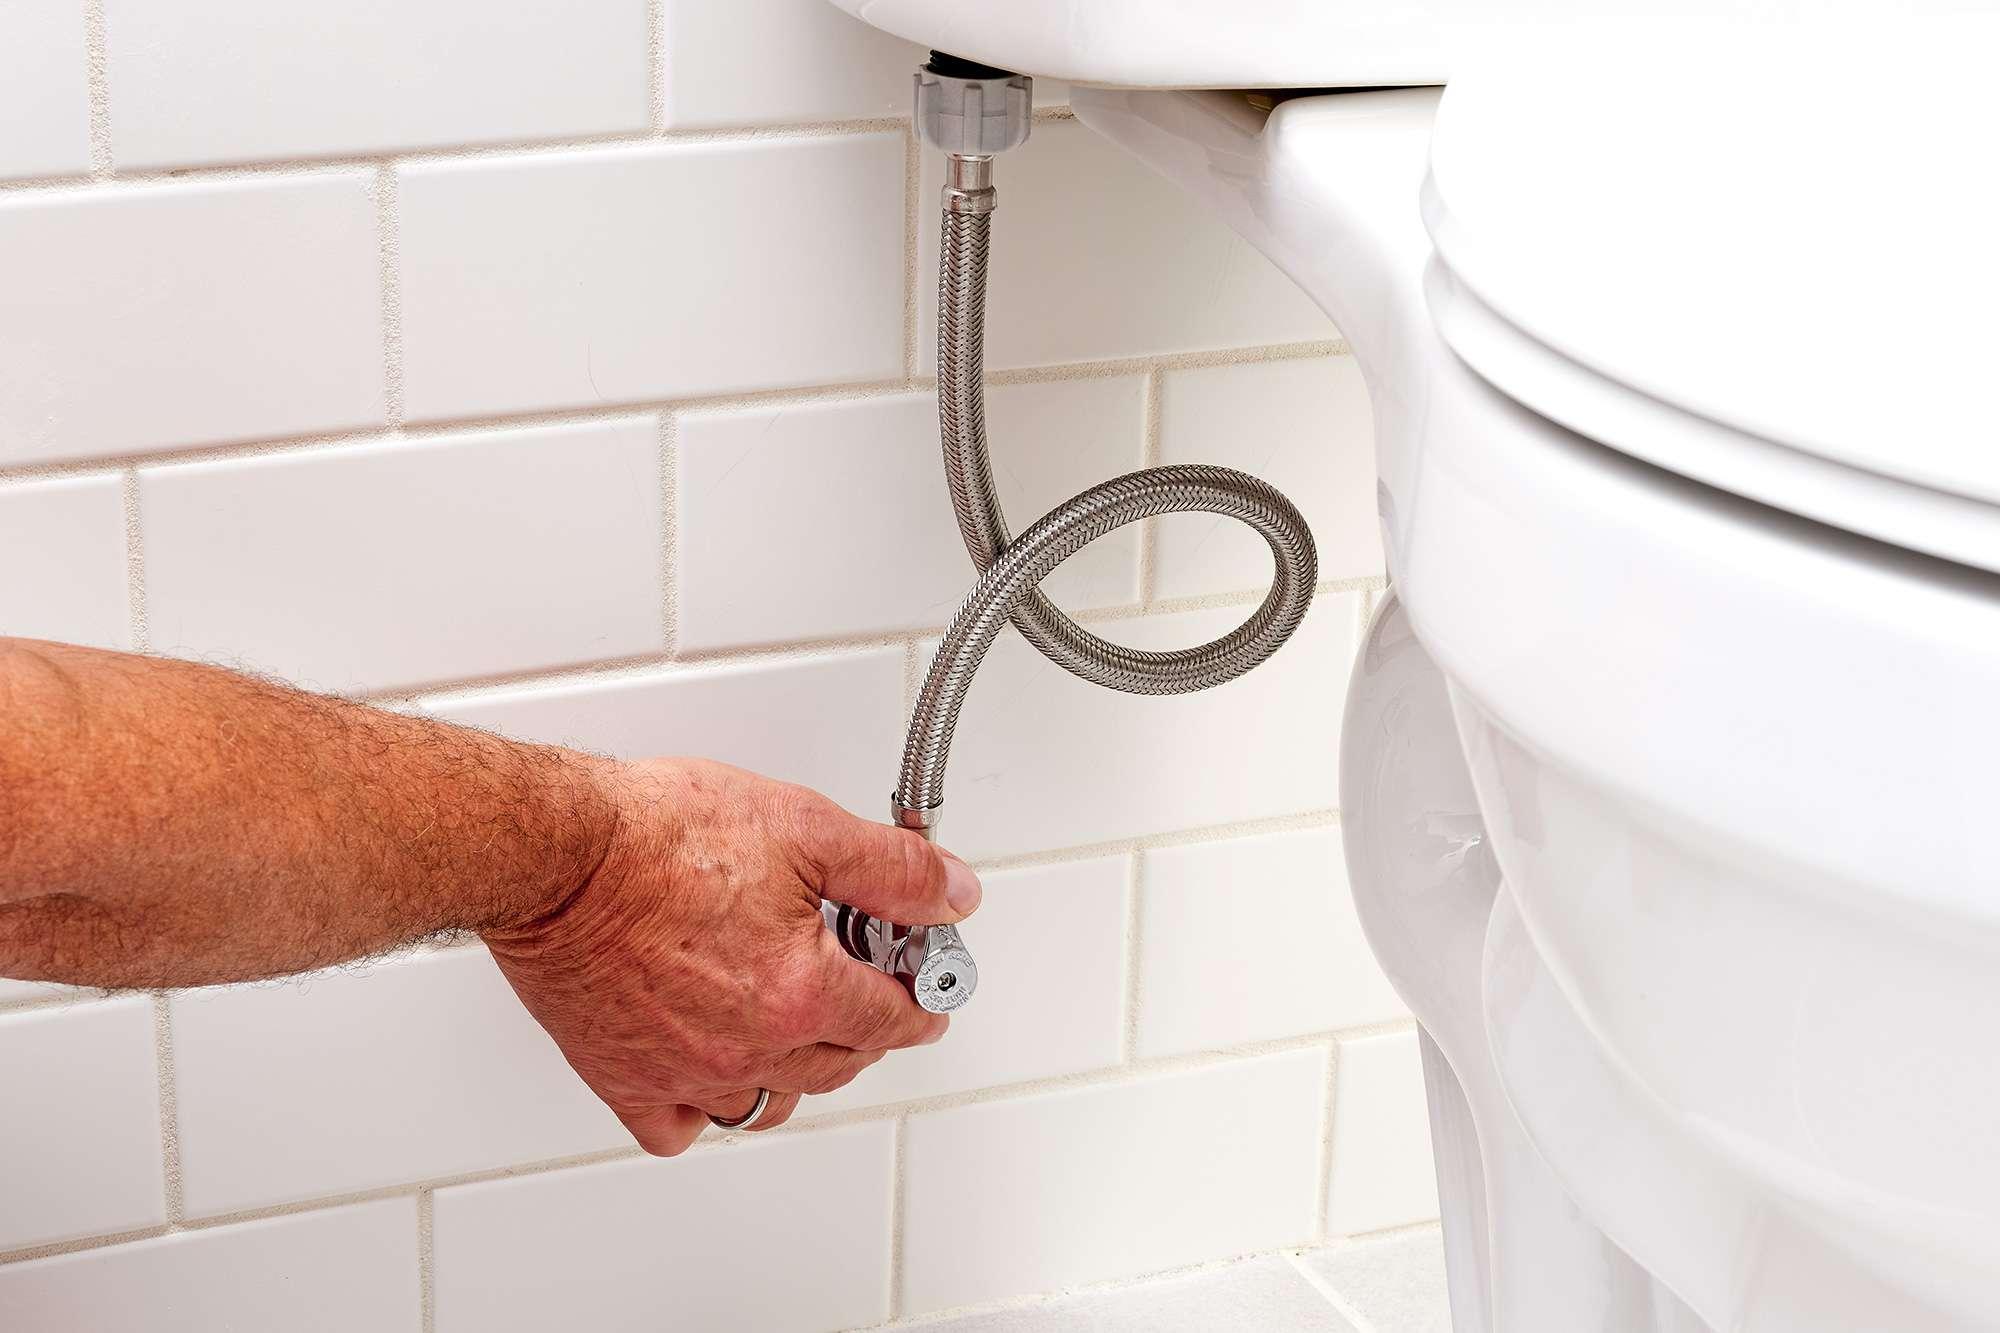 Water shut off by turning shutoff valve under toilet